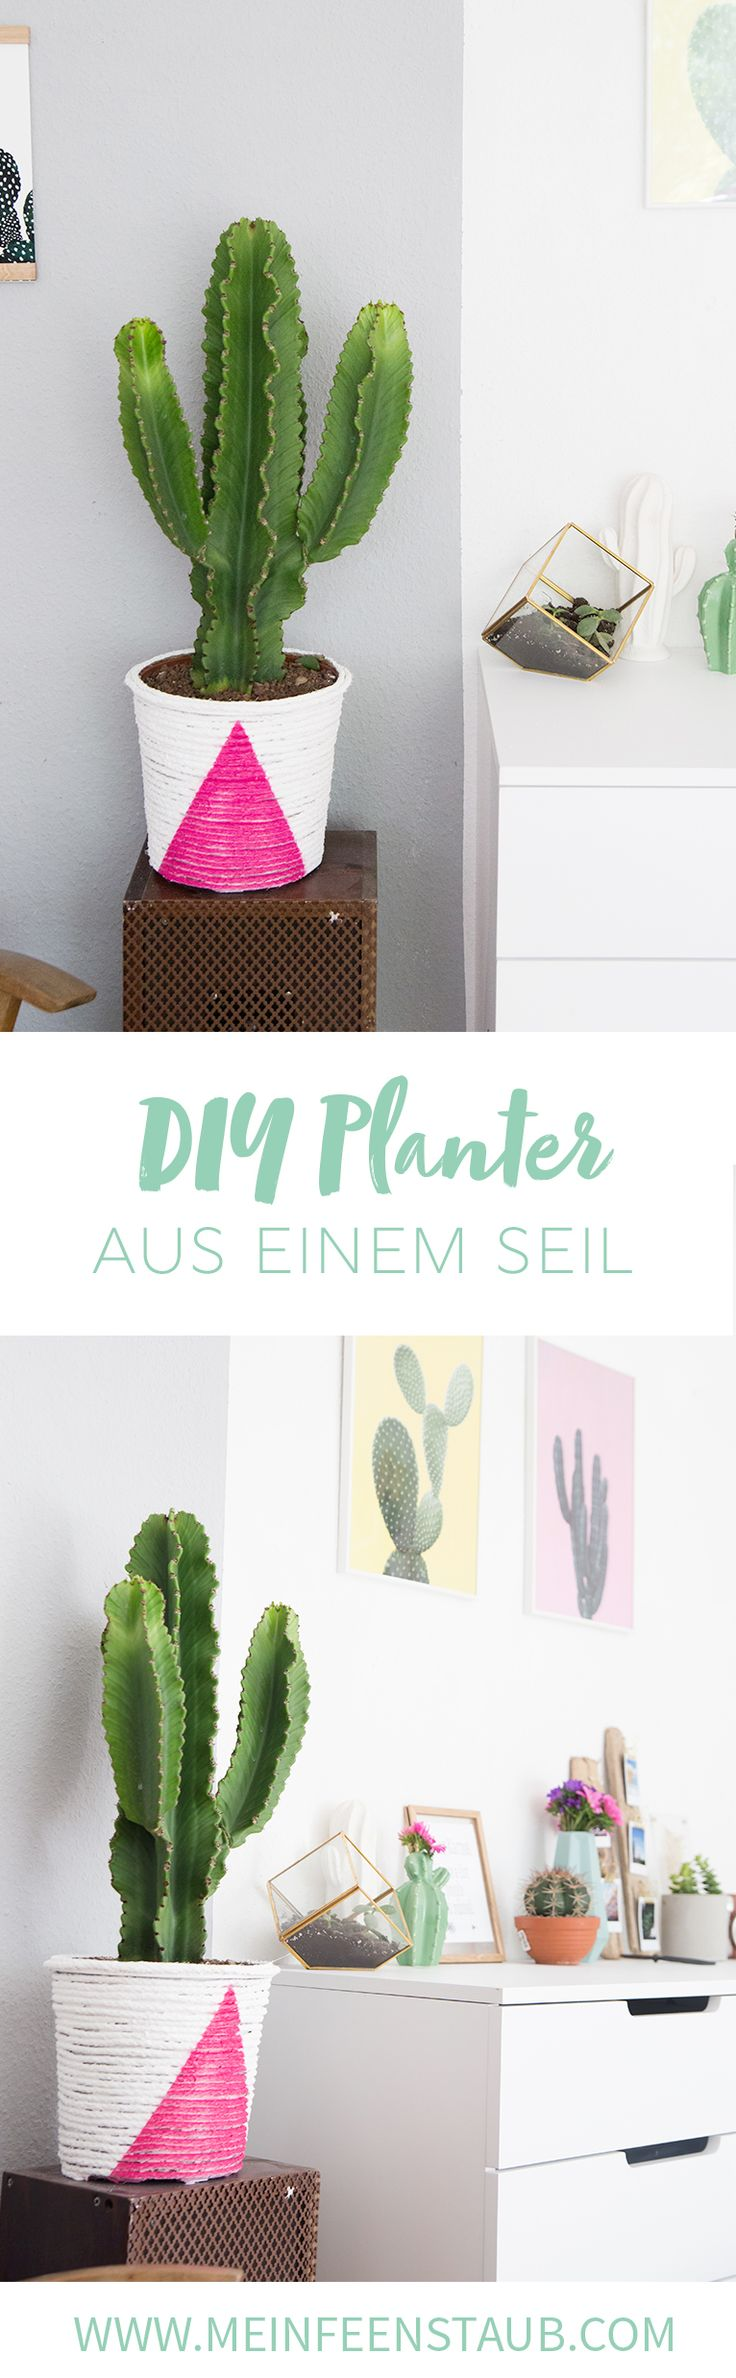 245 besten plants and flowers blogstlove bilder auf for Kleine fliegen in topfpflanzen